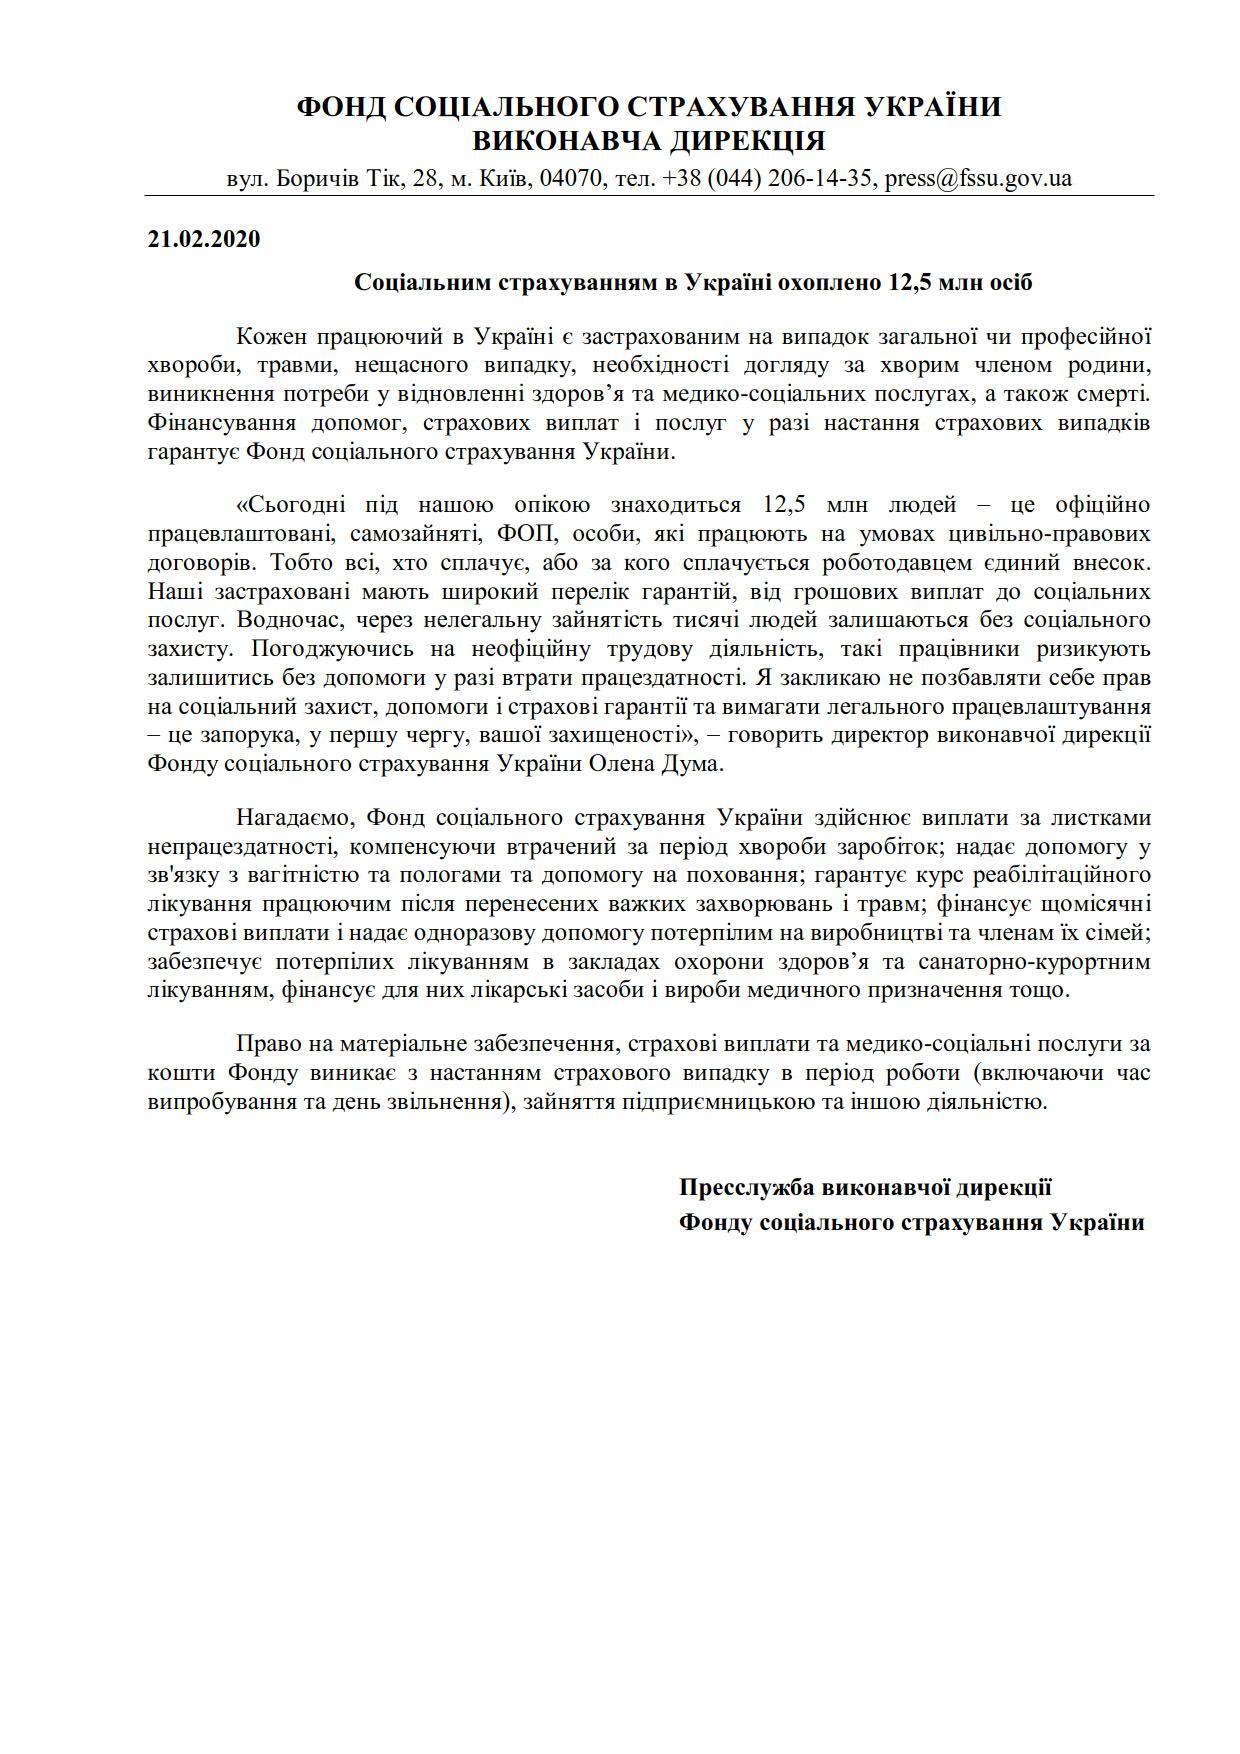 ФССУ_Нелегальна зайнятість_1